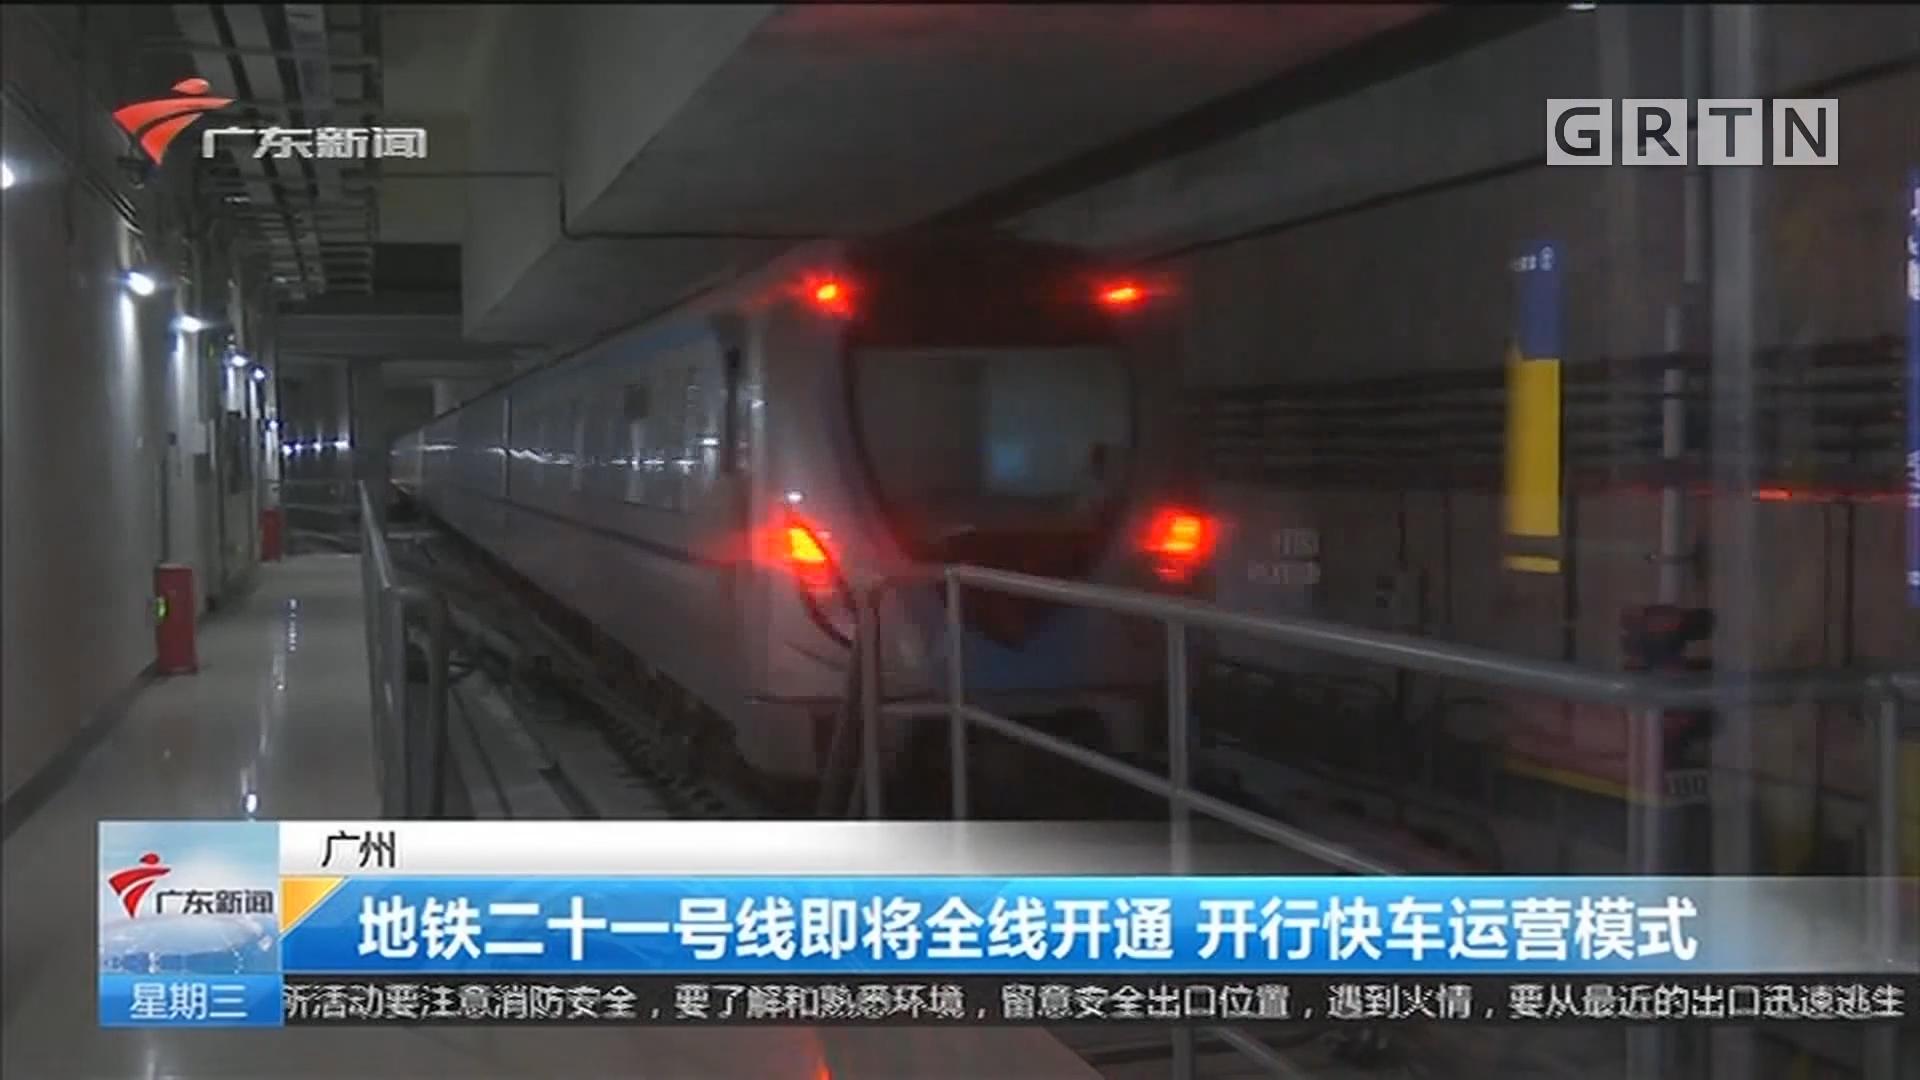 广州 地铁二十一号线即将全线开通 开行快车运营模式